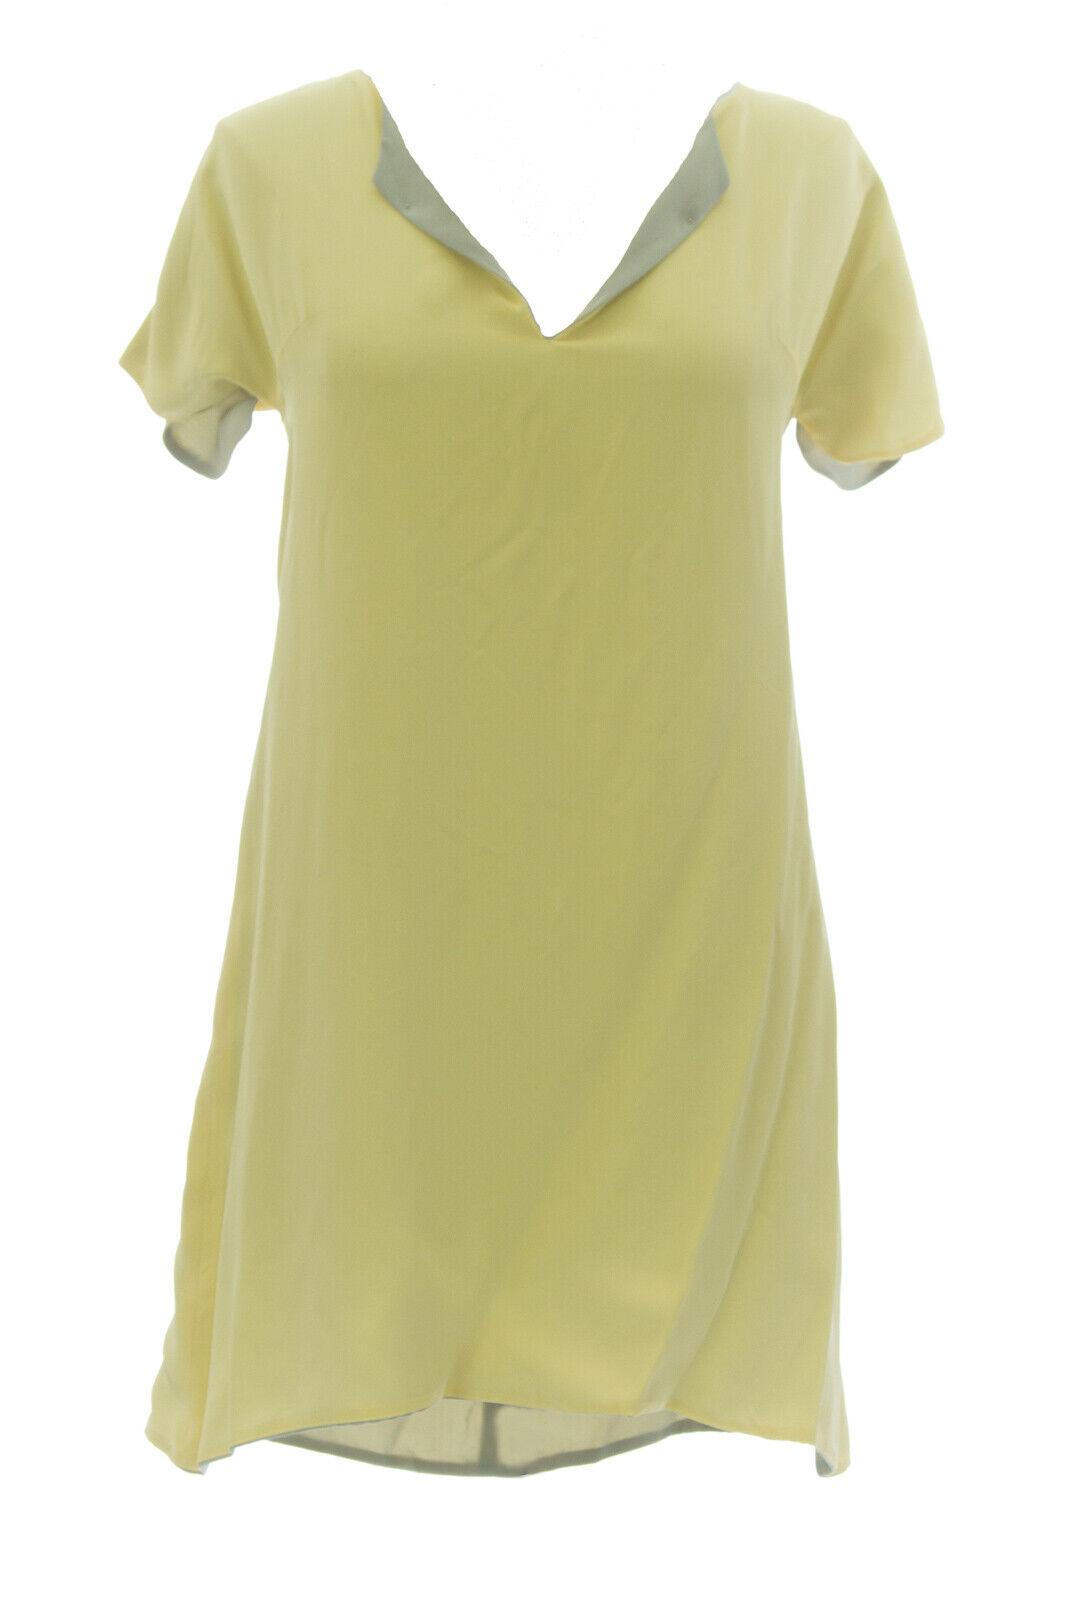 Anne Leman Damen Grau Zitronengelb Doppelseitig Kleid | Neue Sorten Sorten Sorten werden eingeführt  | Passend In Der Farbe  | Preiszugeständnisse  f99d33